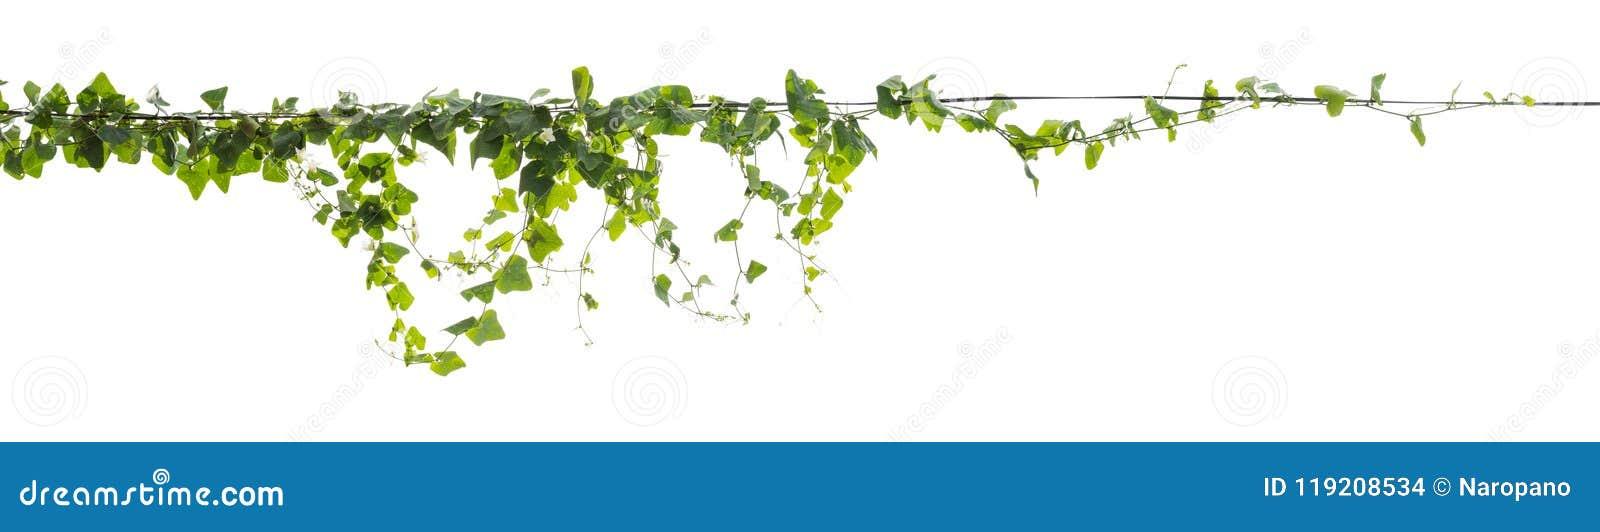 S élever de cep de vigne d isolement sur le fond blanc